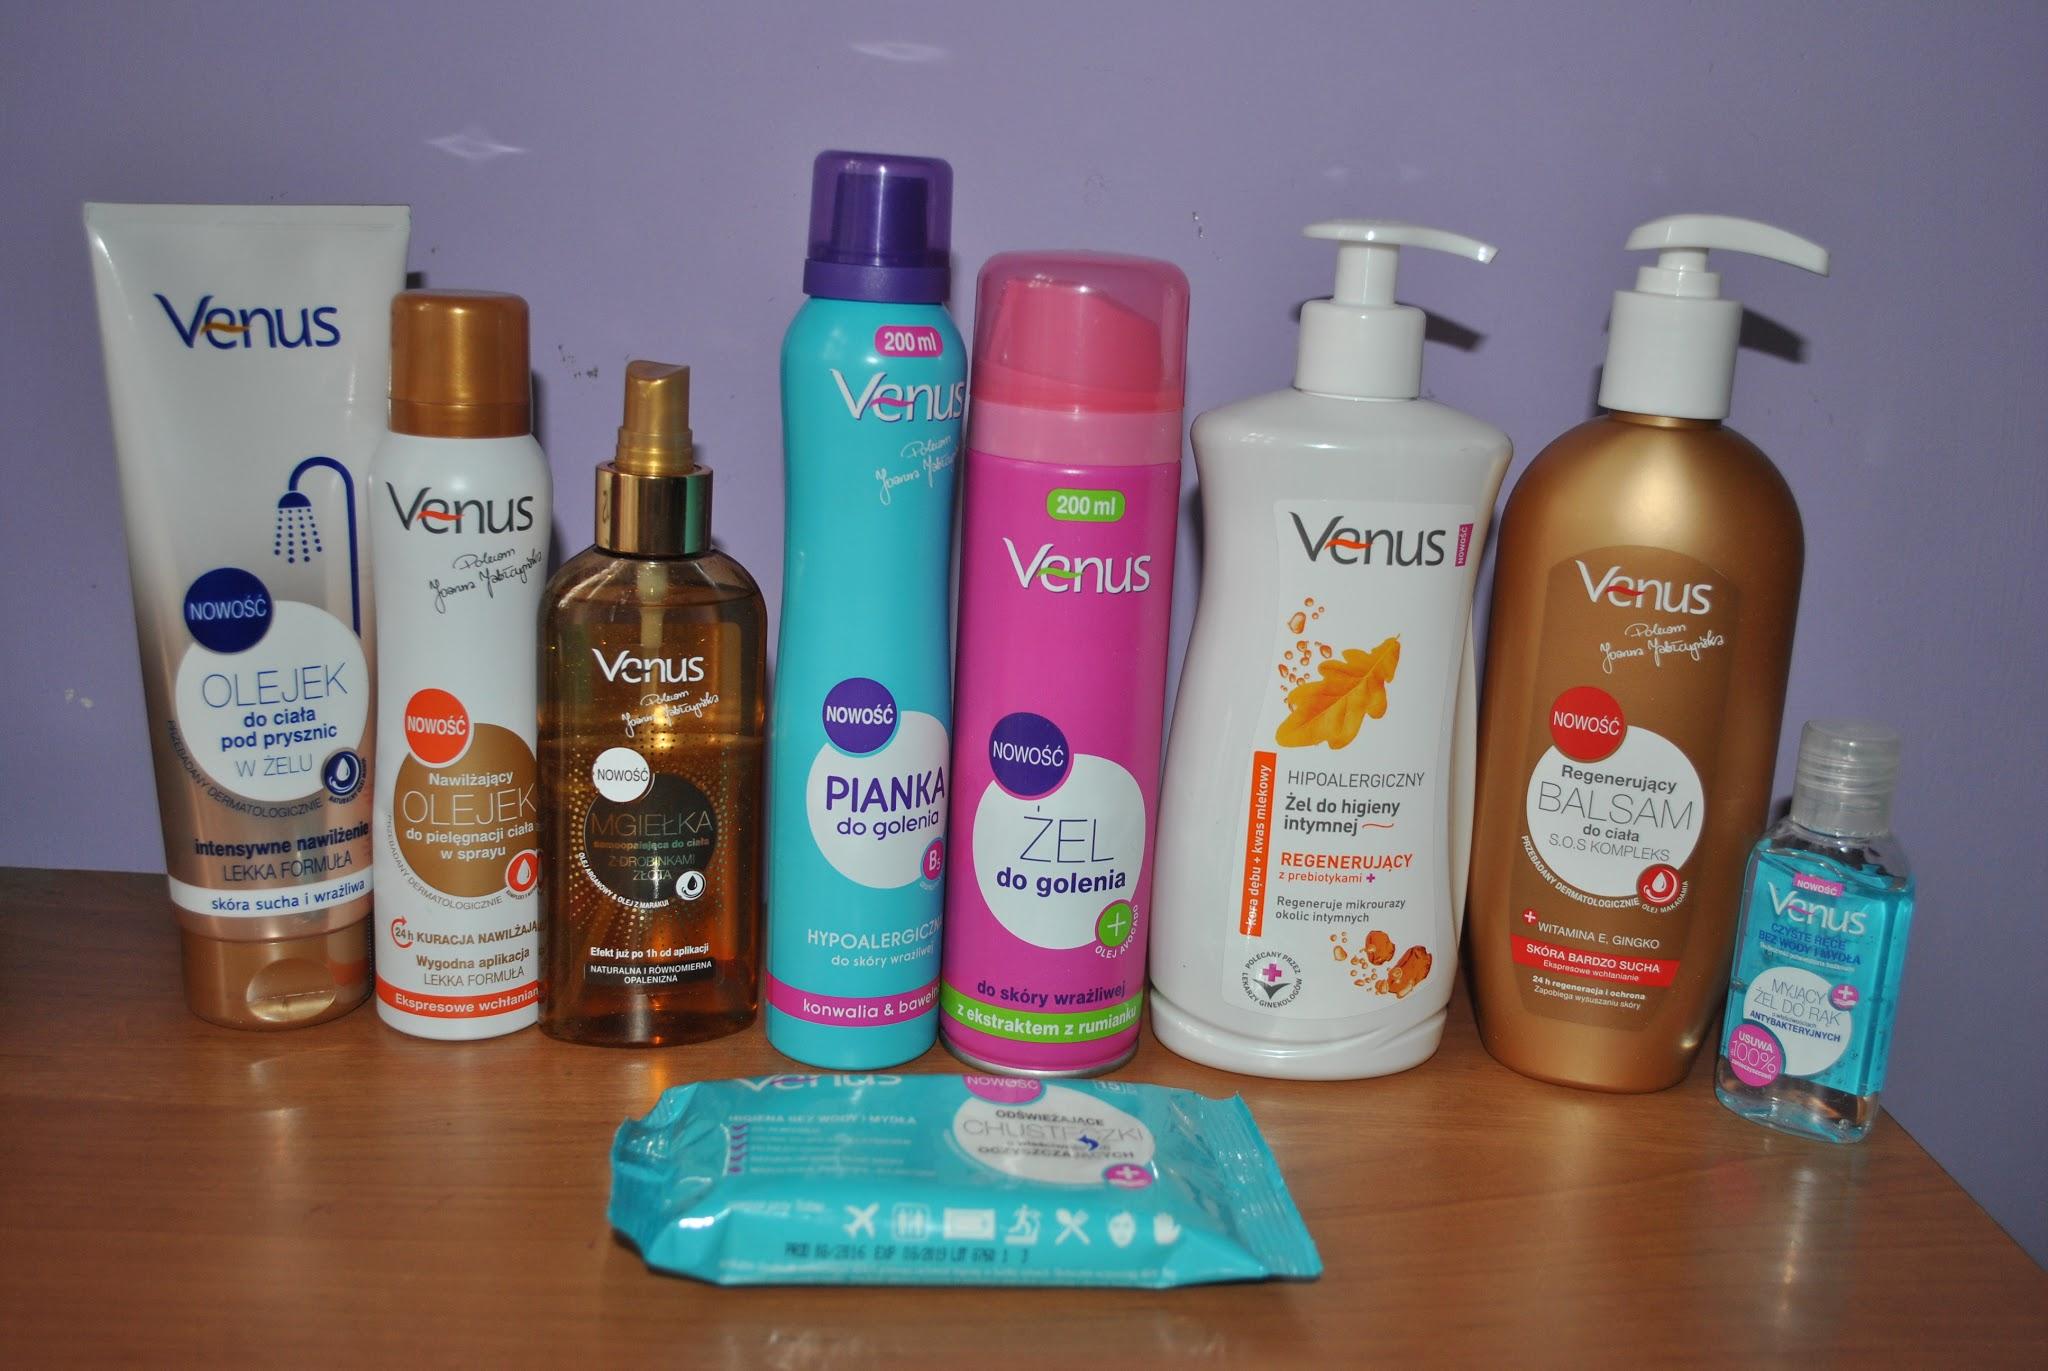 venus-kosmetyki-wygrana-w-konkursie